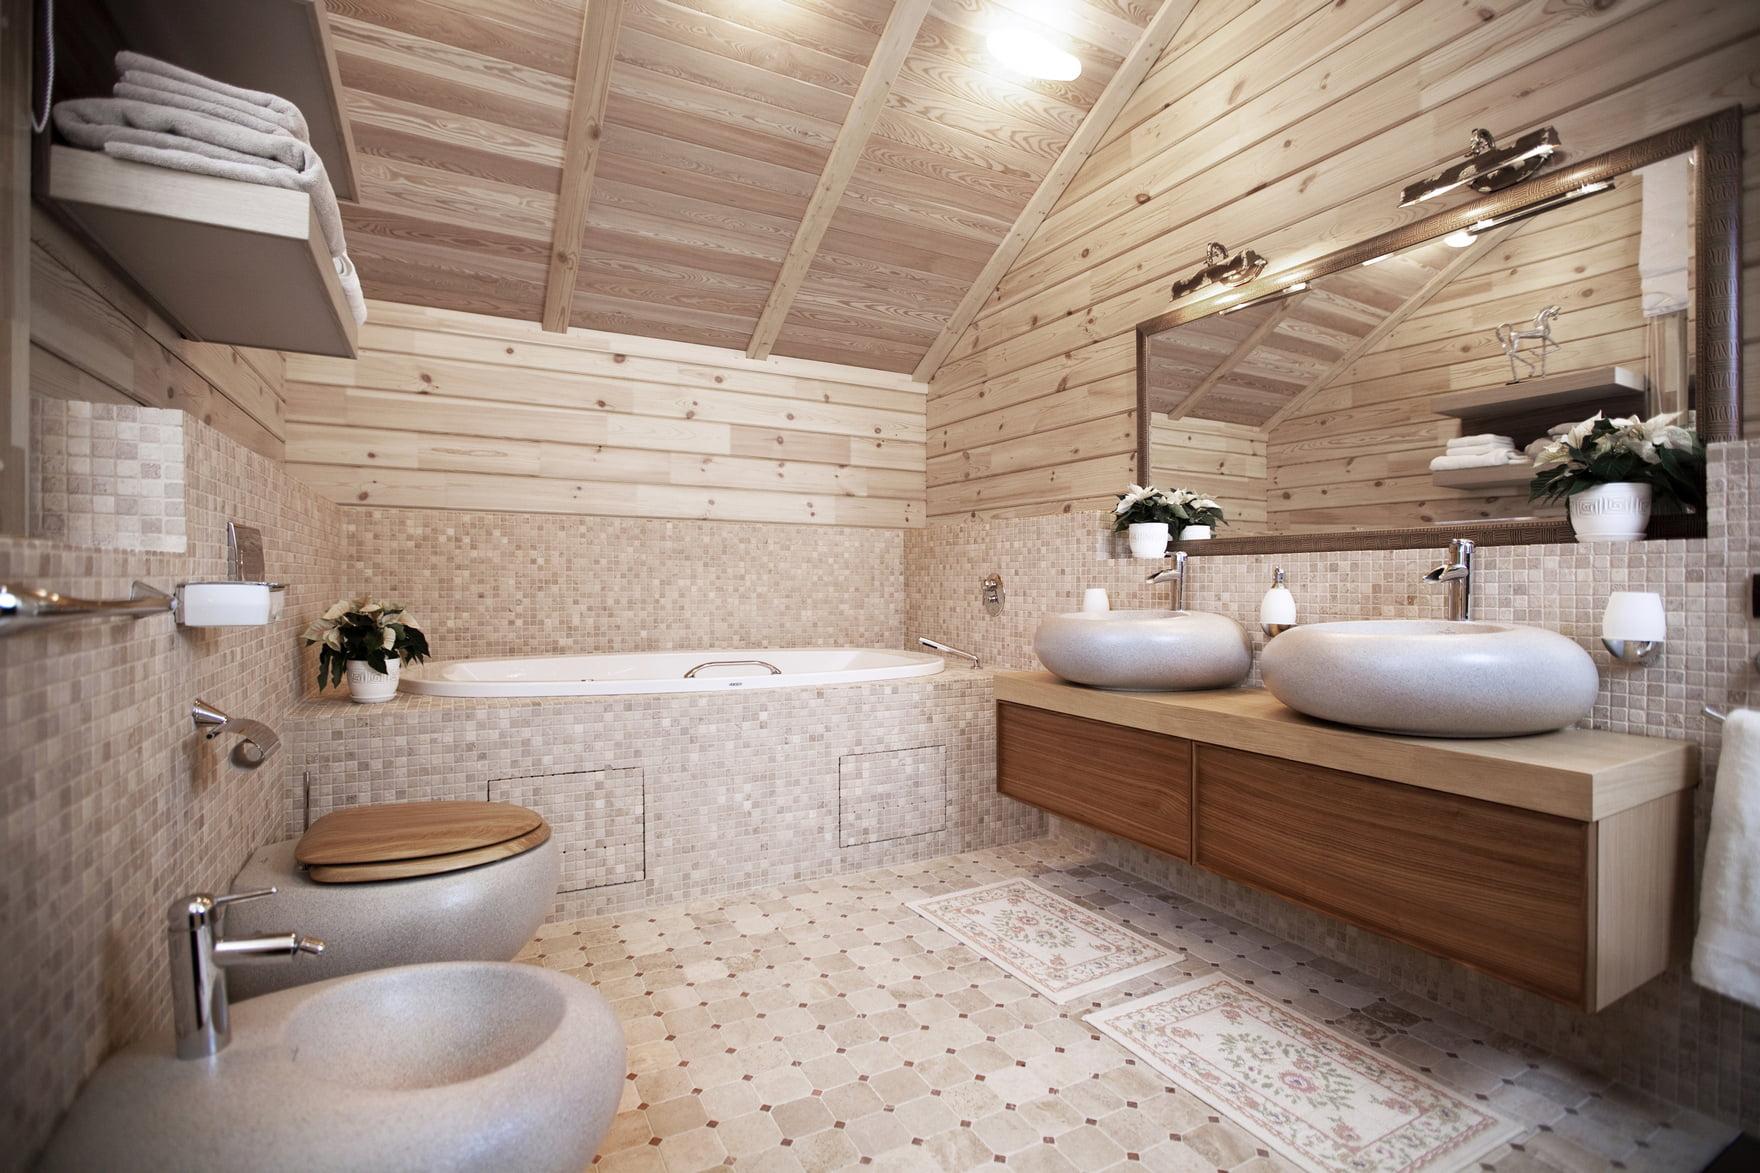 Ванная комната в частном доме: особенности прокладки 64